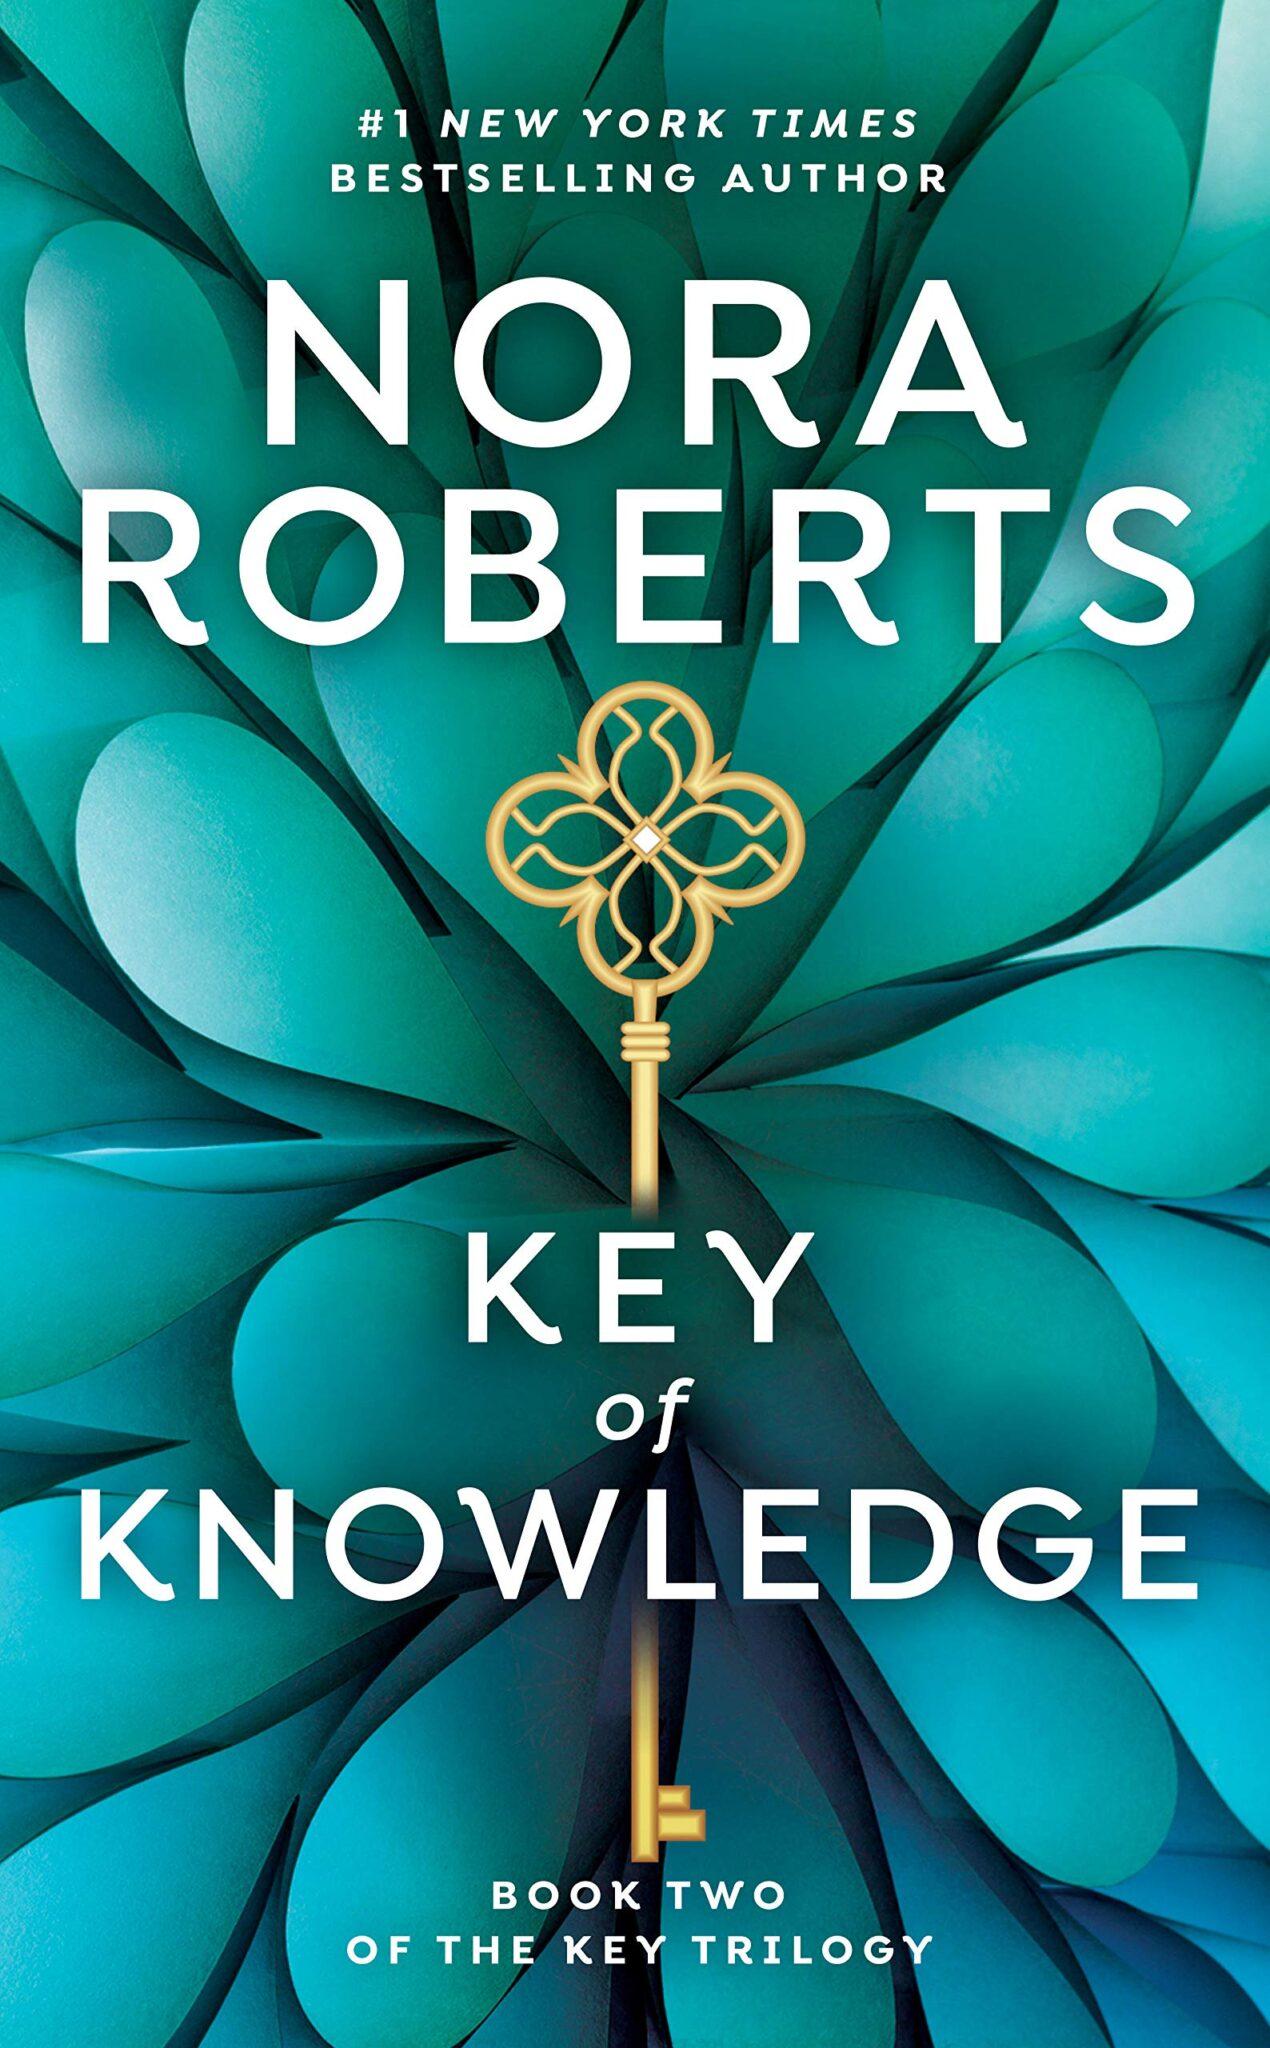 Nora Roberts books 40